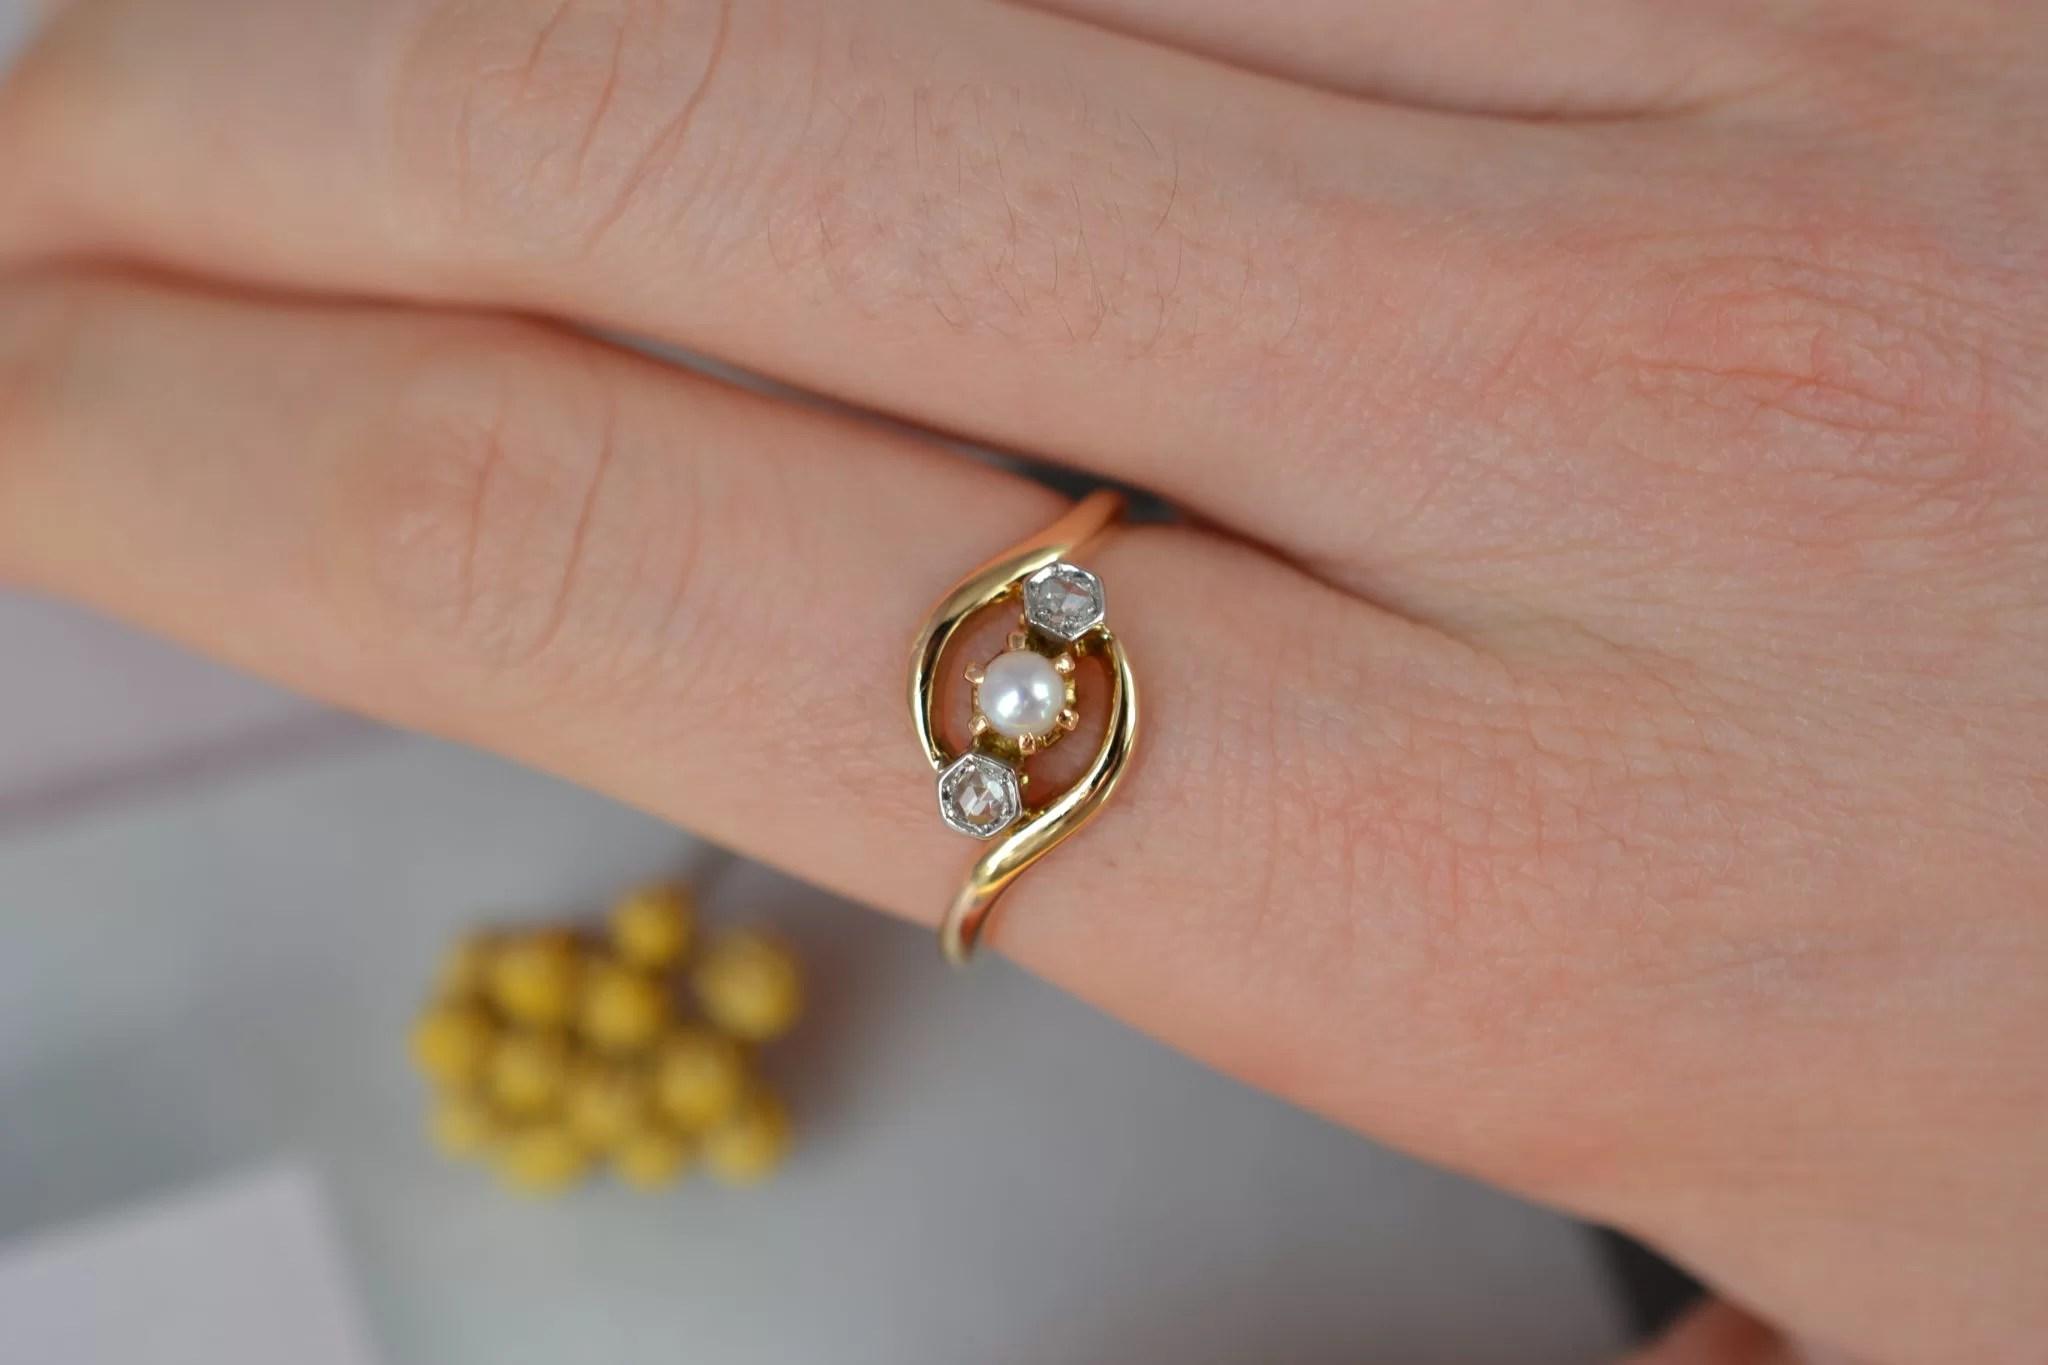 Bague _Toi et Moi_ Belle Époque en Or jaune, sertie de deux roses de diamant et d_une petite perle - bague de seconde main